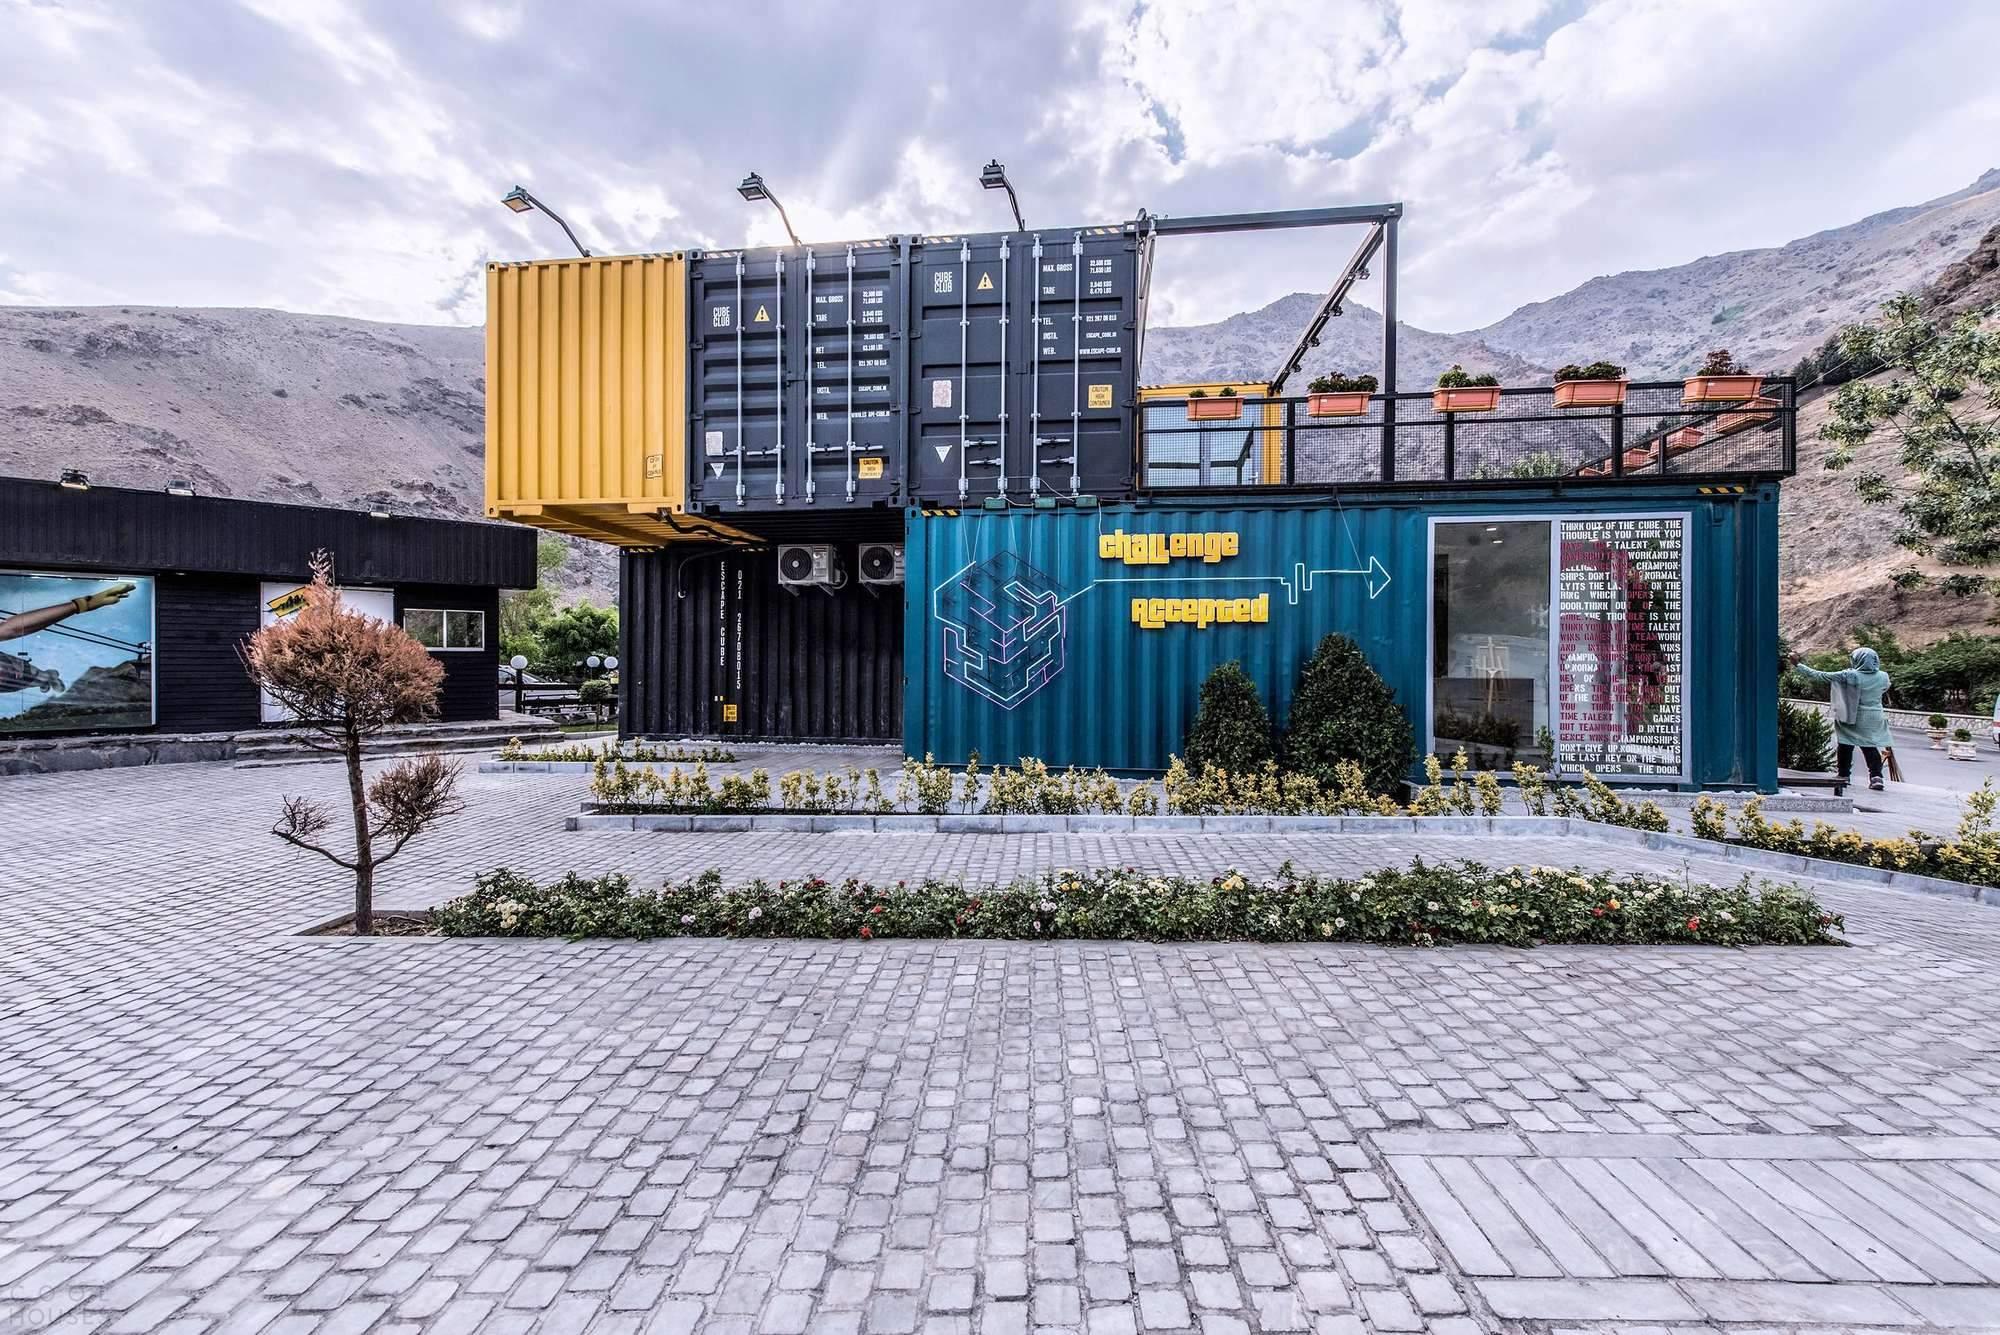 Клуб для отдыха и развлечений из морских контейнеров в Тегеране, Иран